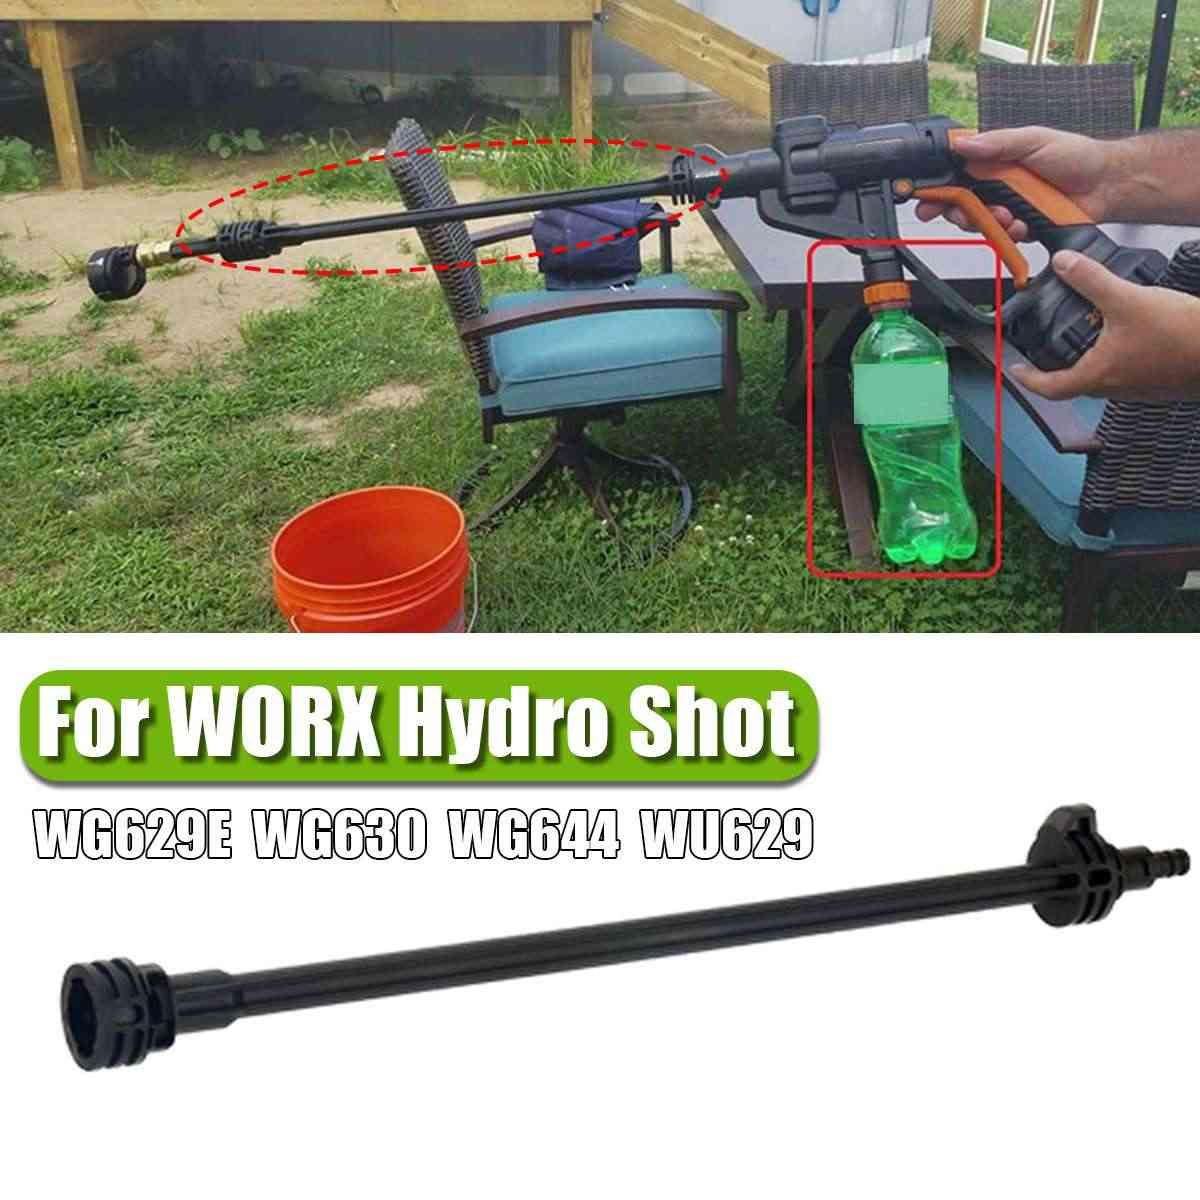 Worx Hydroshot Wg629e Wg630 Wg644